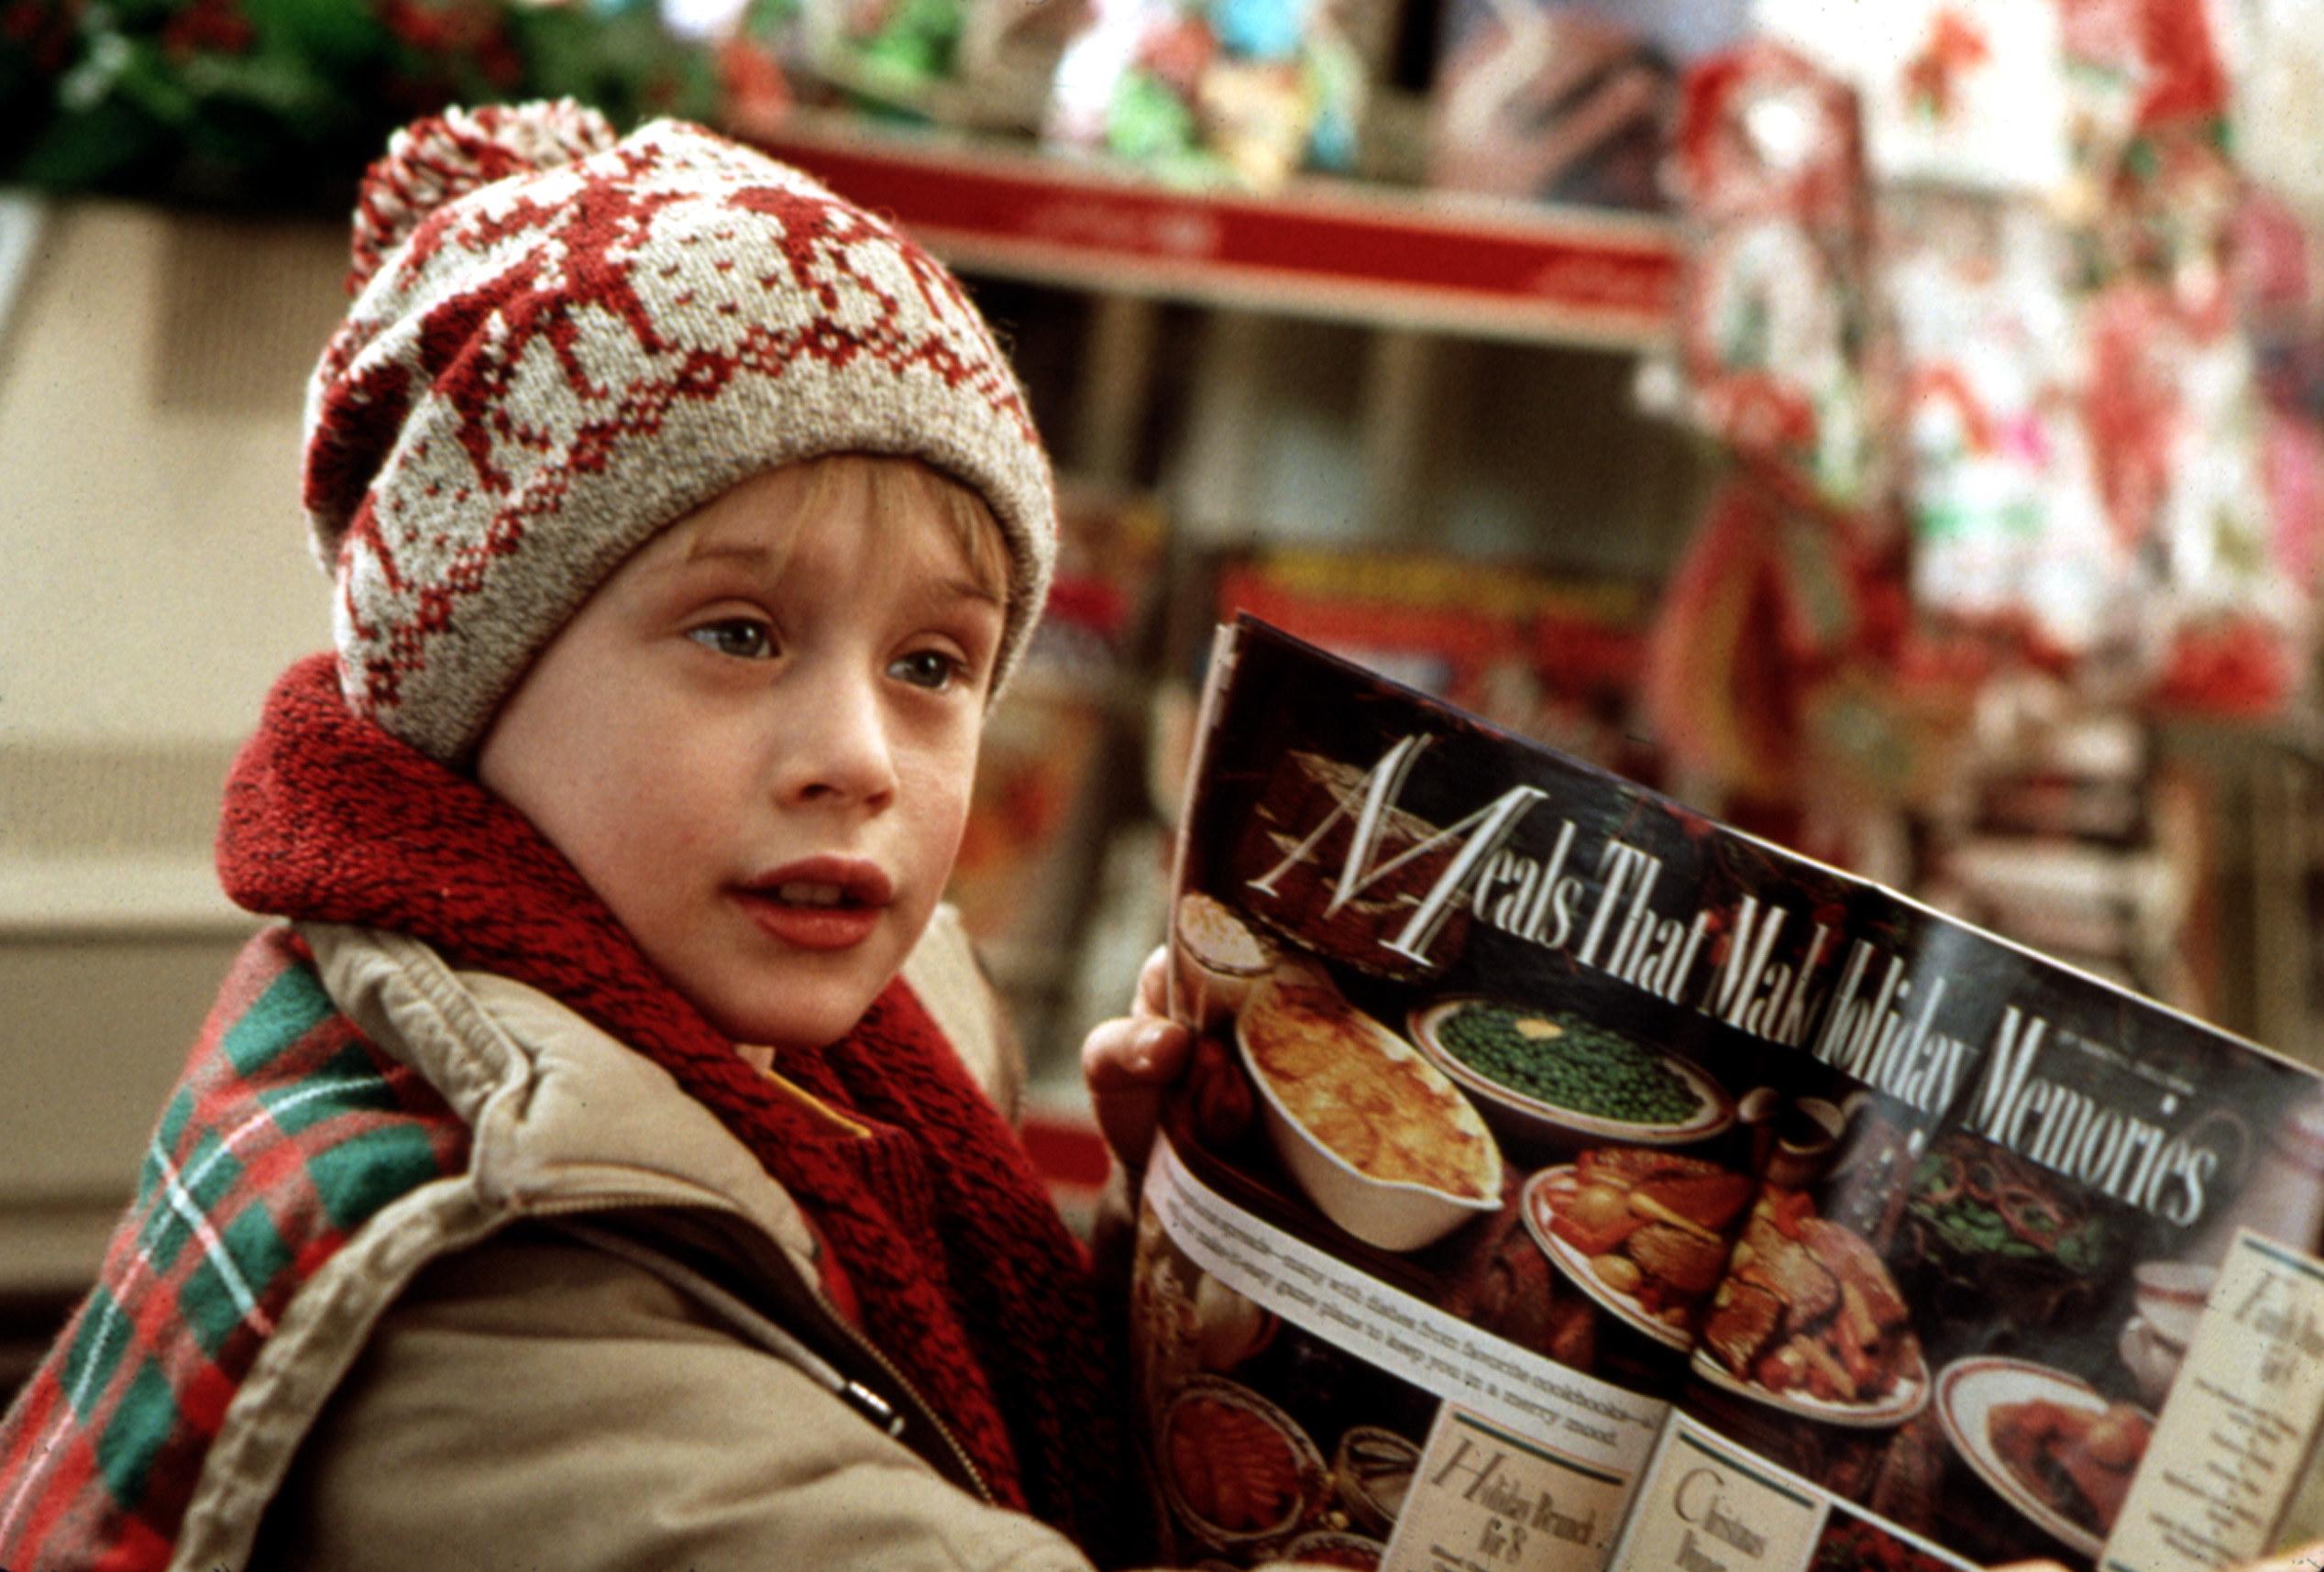 Macauley Culkin as Kevin